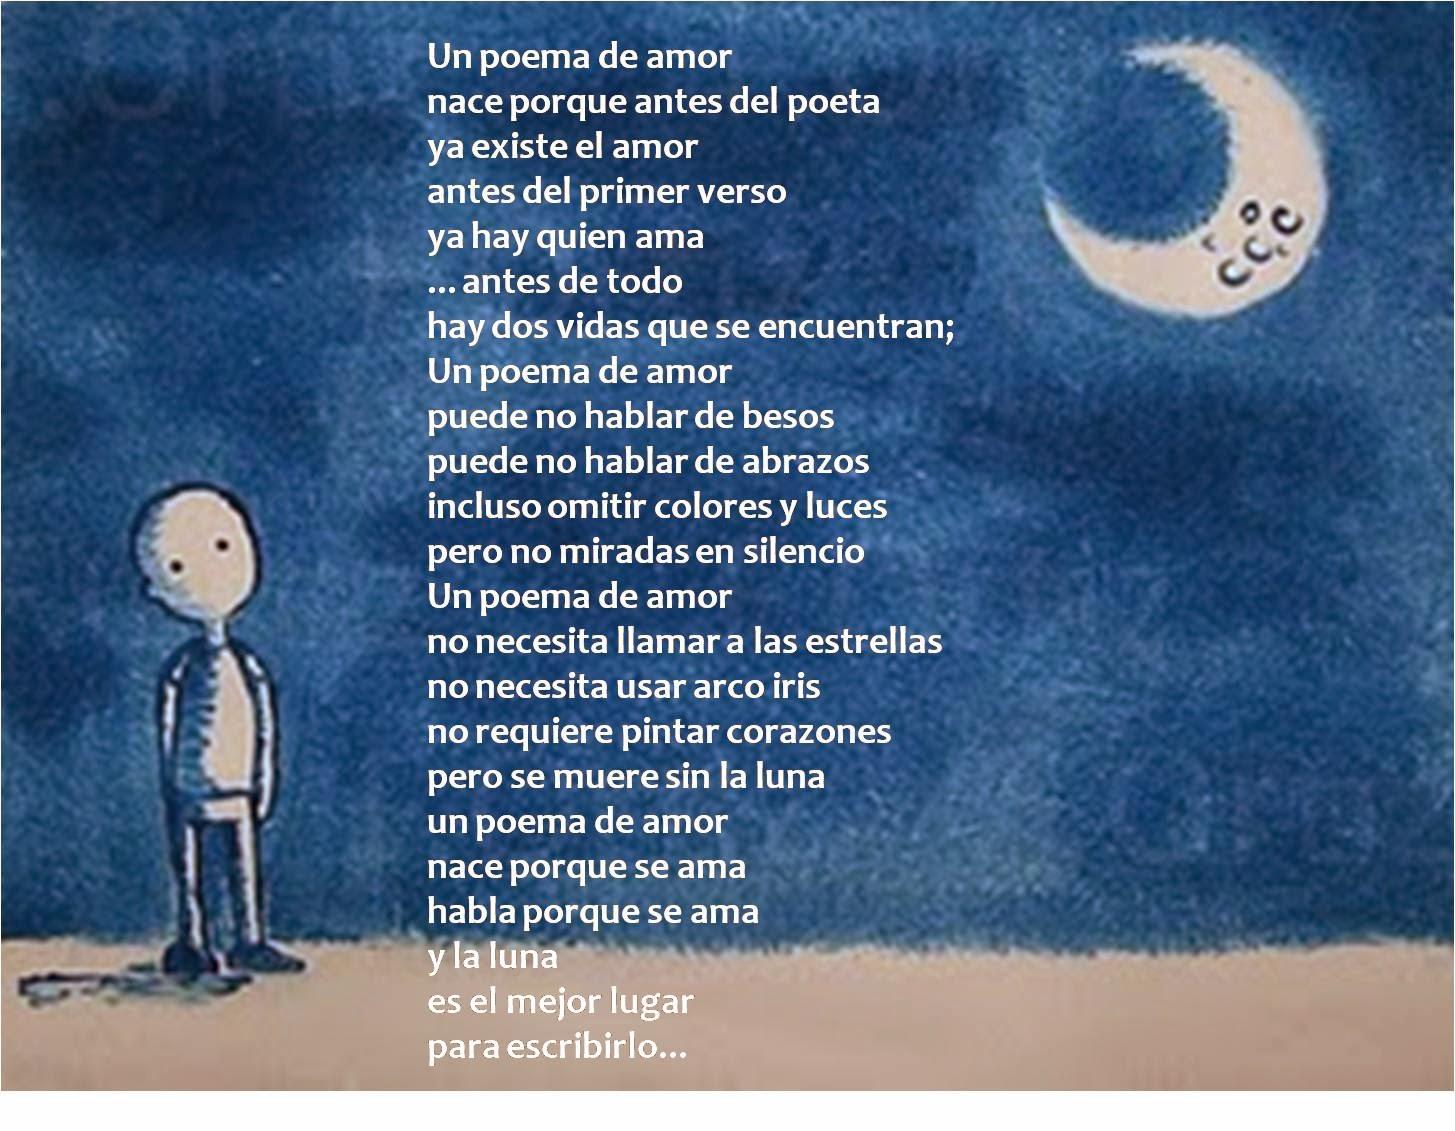 imagenes y poemas Facebook - Imagenes Con Poema